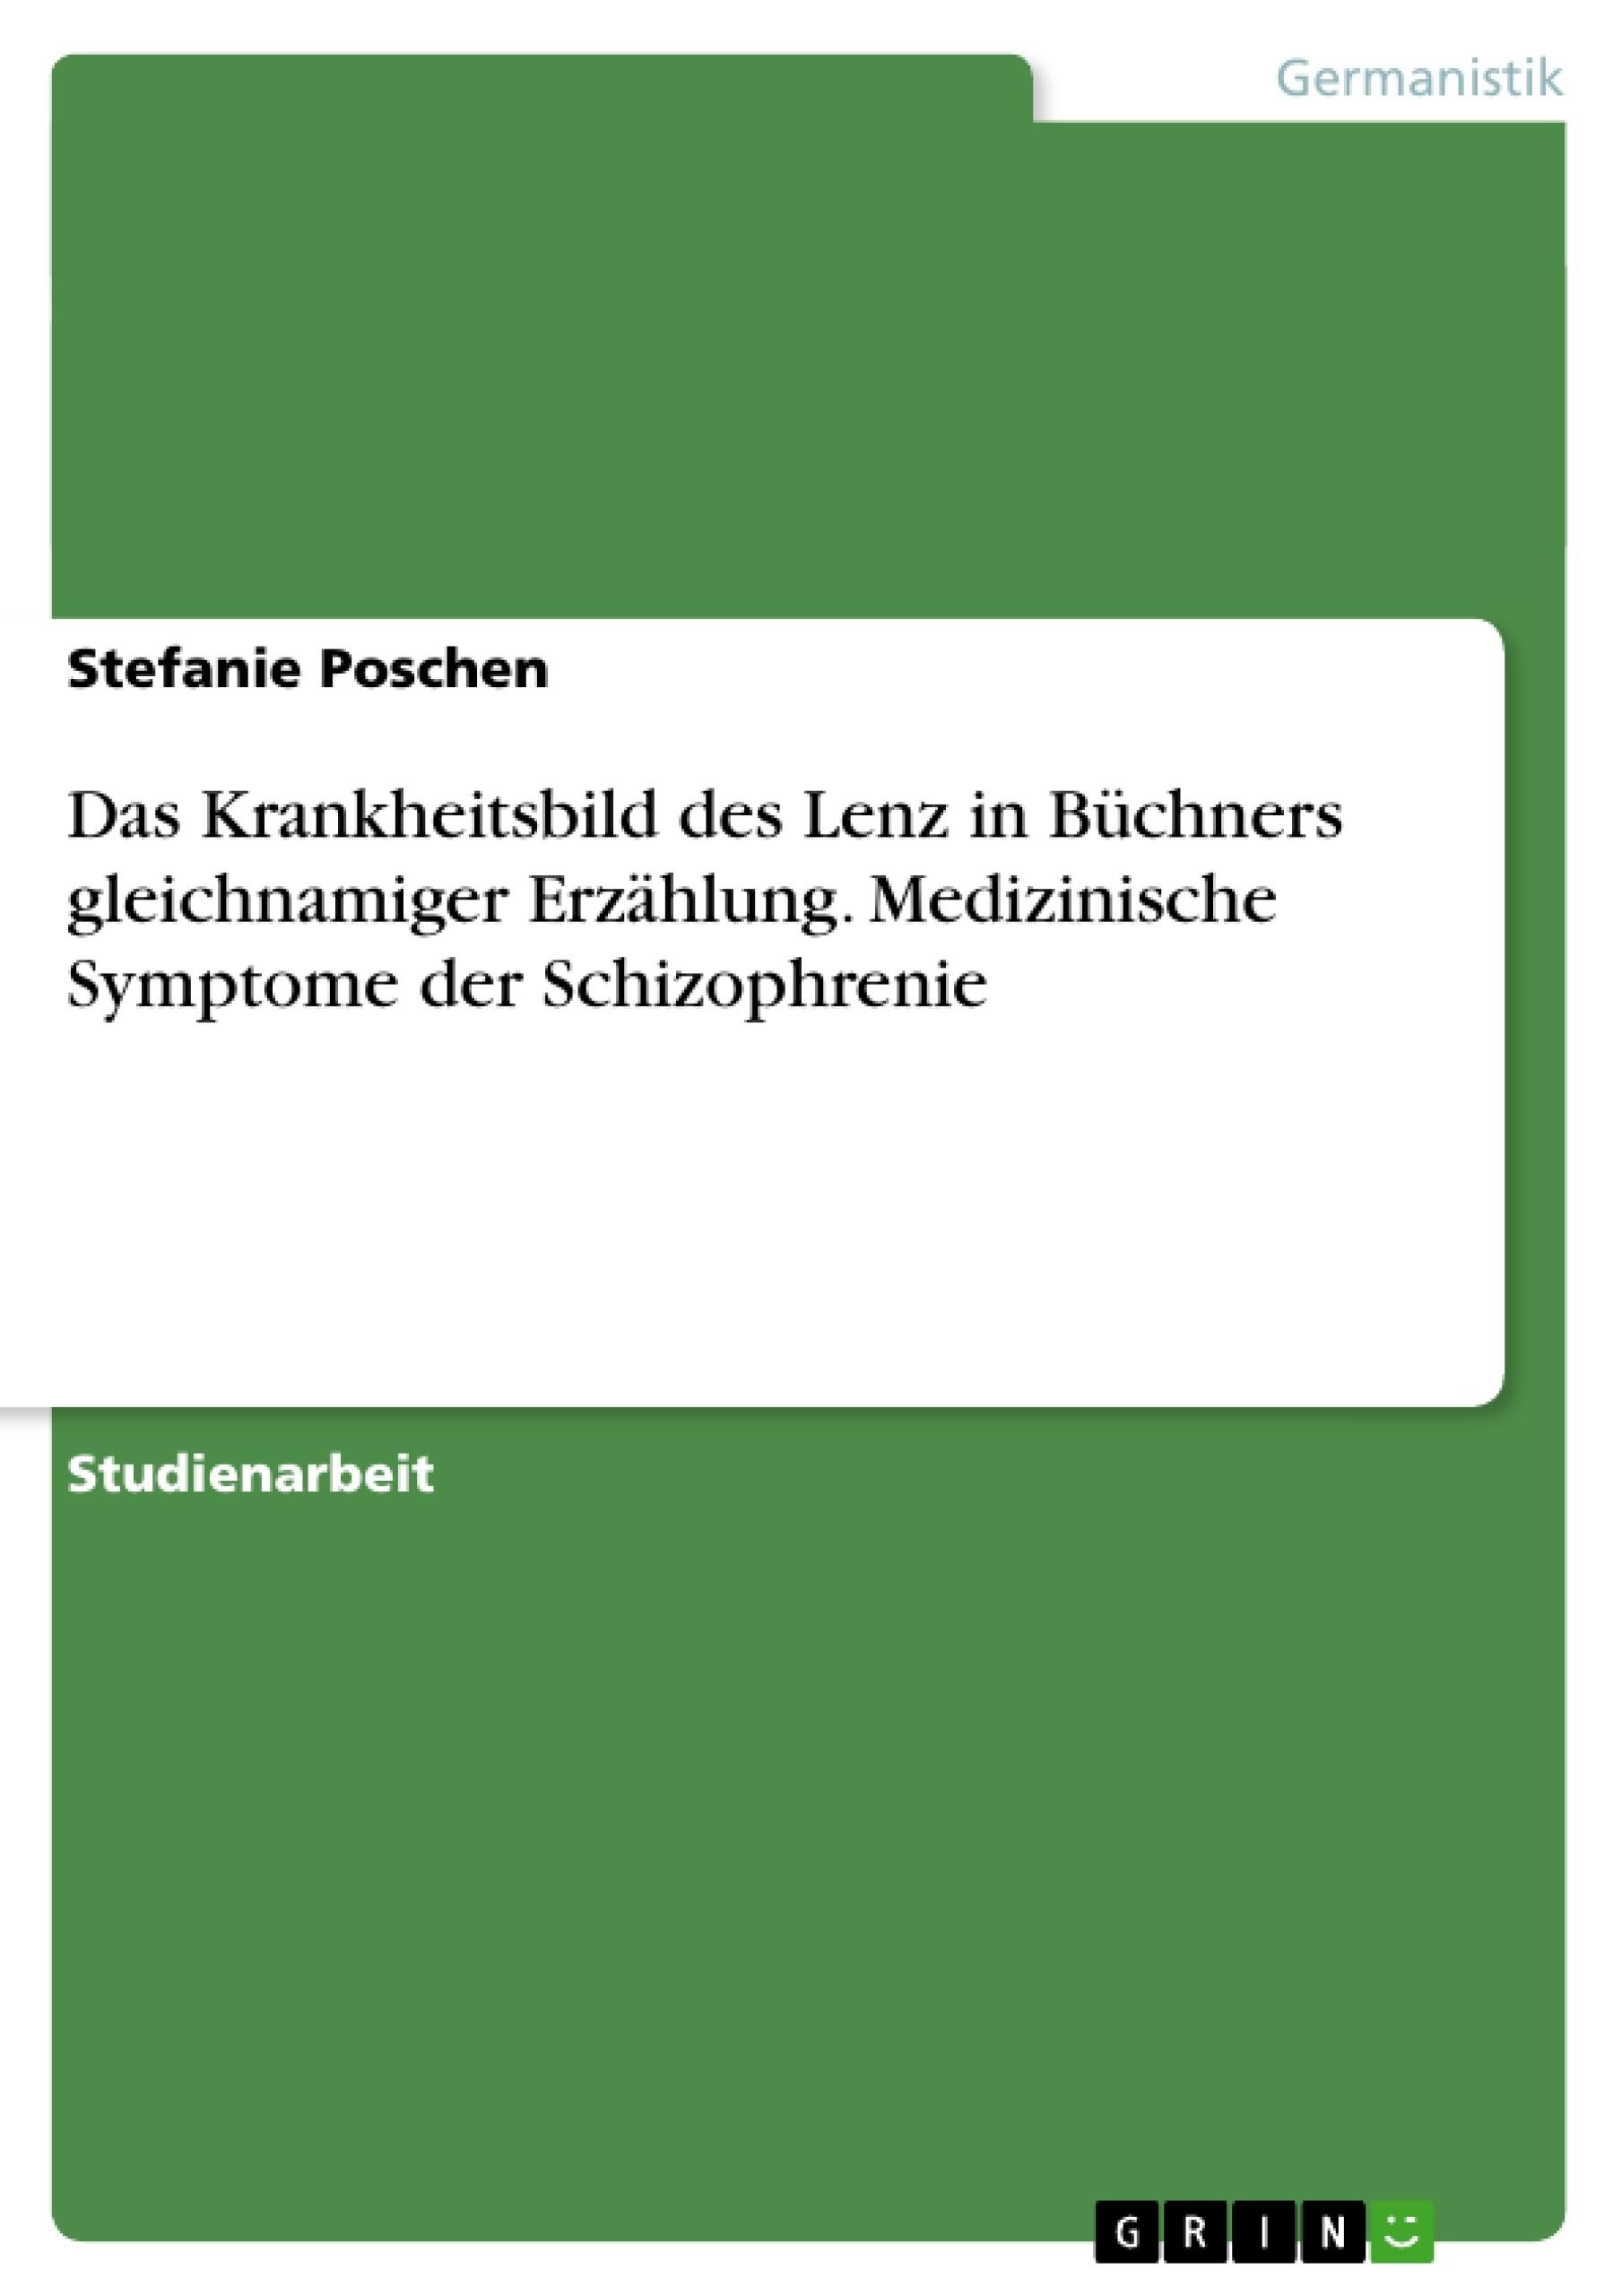 Titel: Das Krankheitsbild des Lenz in Büchners gleichnamiger Erzählung. Medizinische Symptome der Schizophrenie